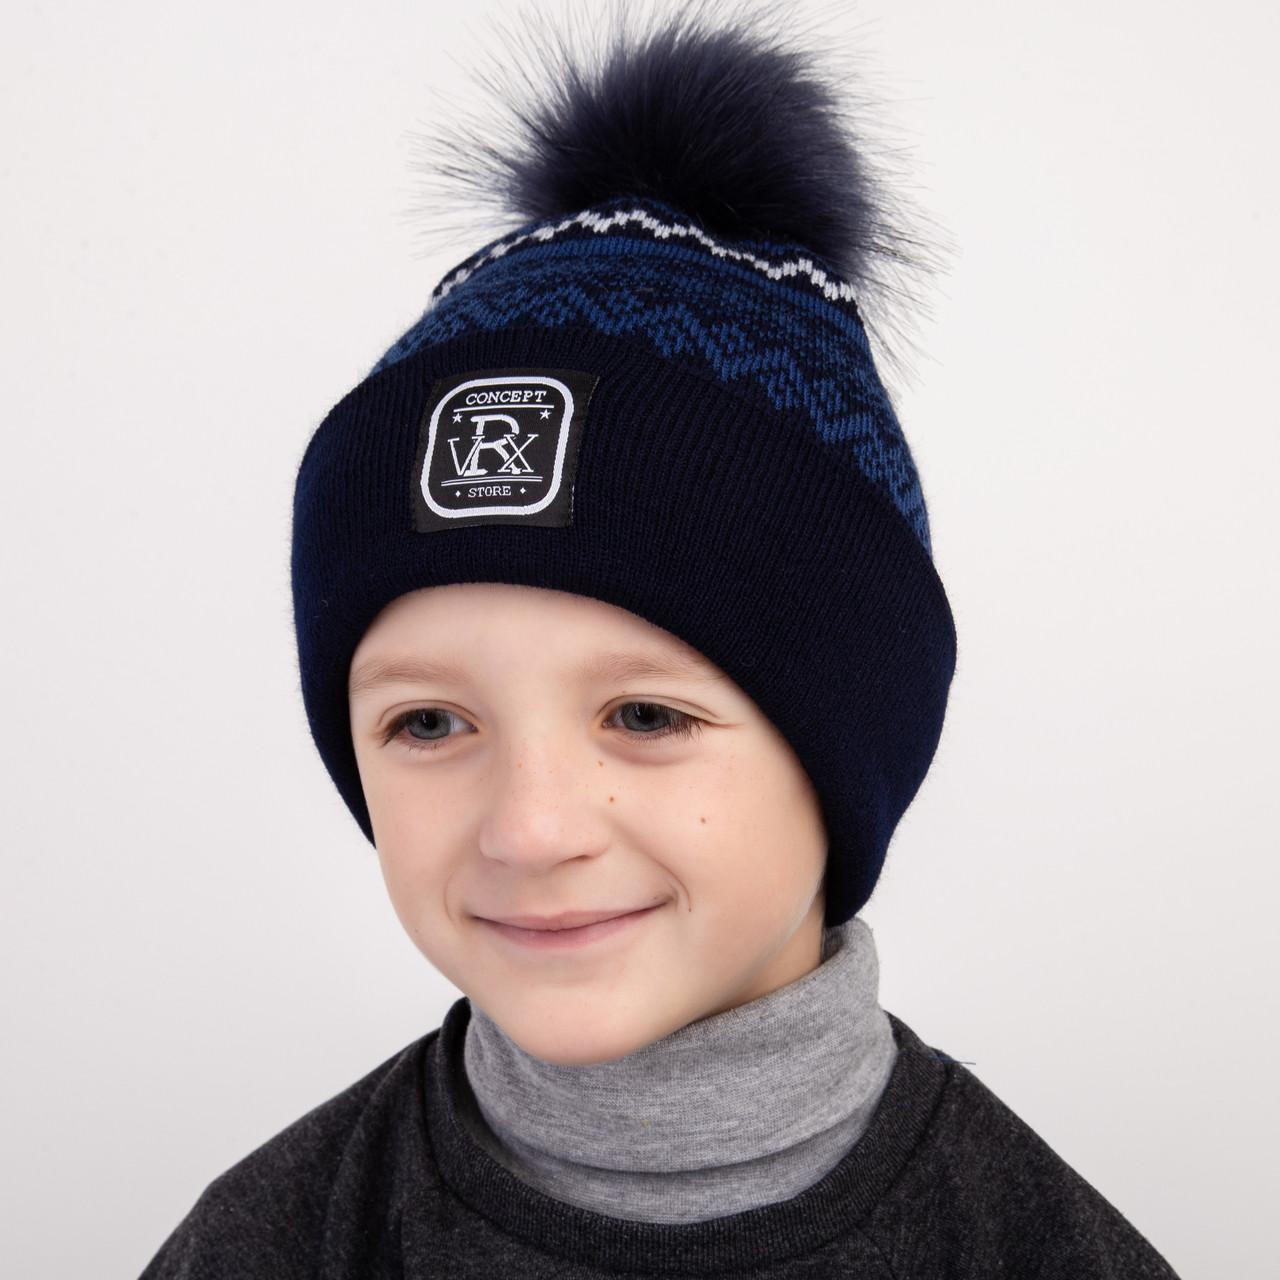 Модный комплект на зиму для мальчика - Артикул 2407